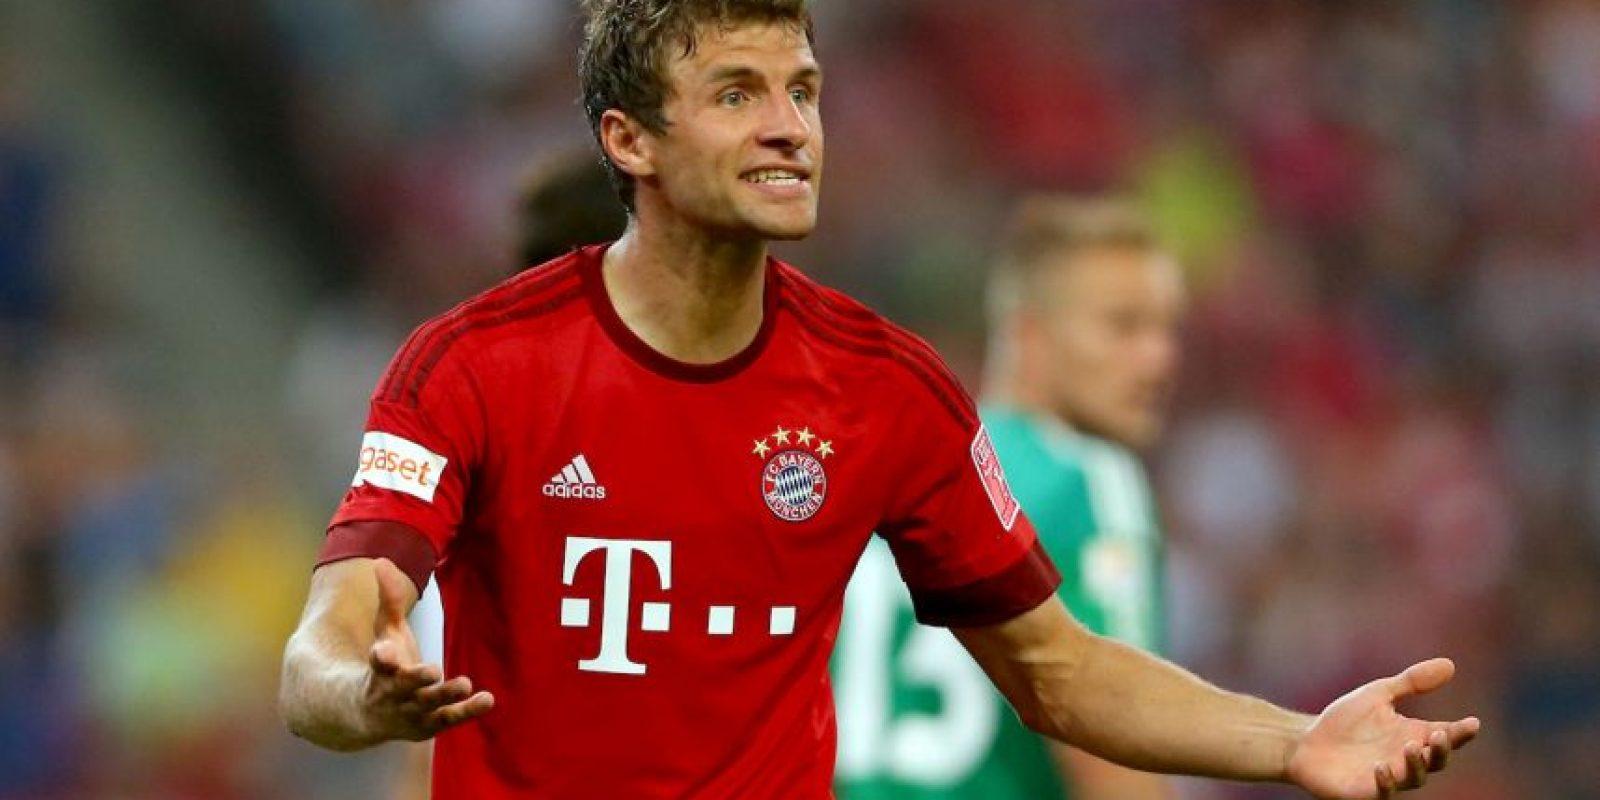 Debutó con la Selección de Alemania en 2010, y acudió con ellos a Sudáfrica 2010, donde consiguieron el tercer lugar. Foto:Getty Images